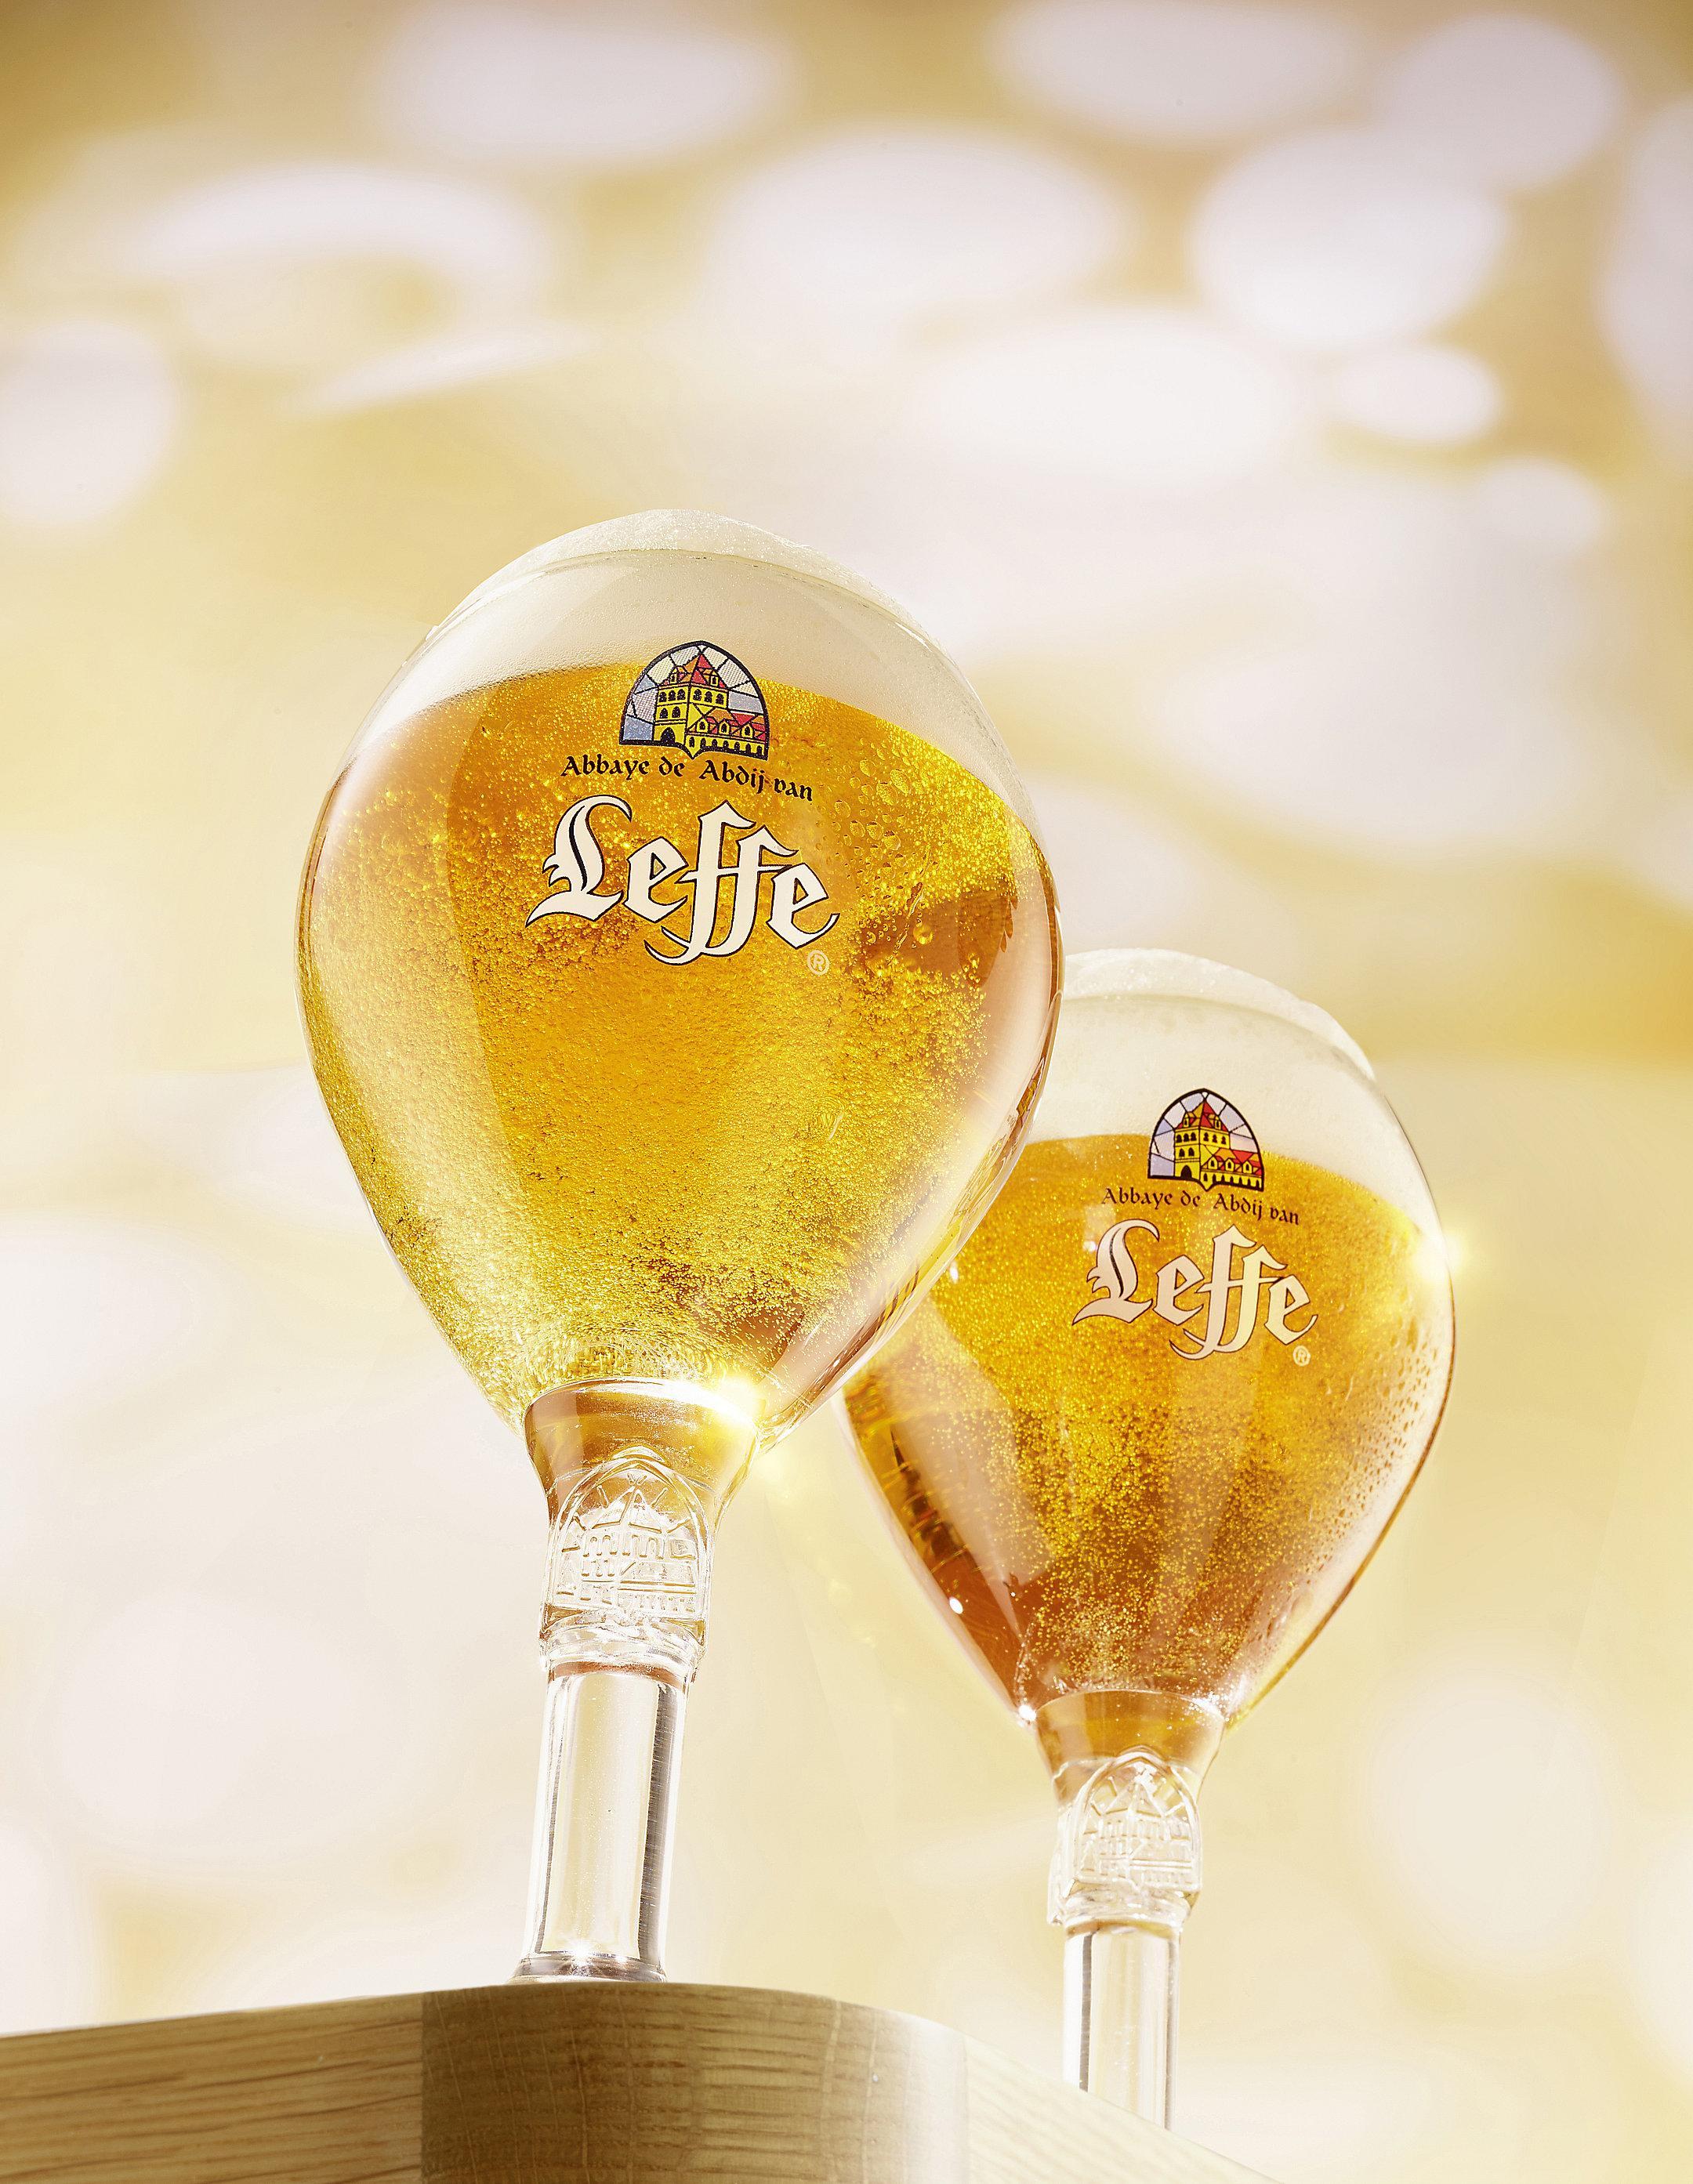 zwei Leffe Gläser mit Luftblässchen im Glas mit starker Untersicht